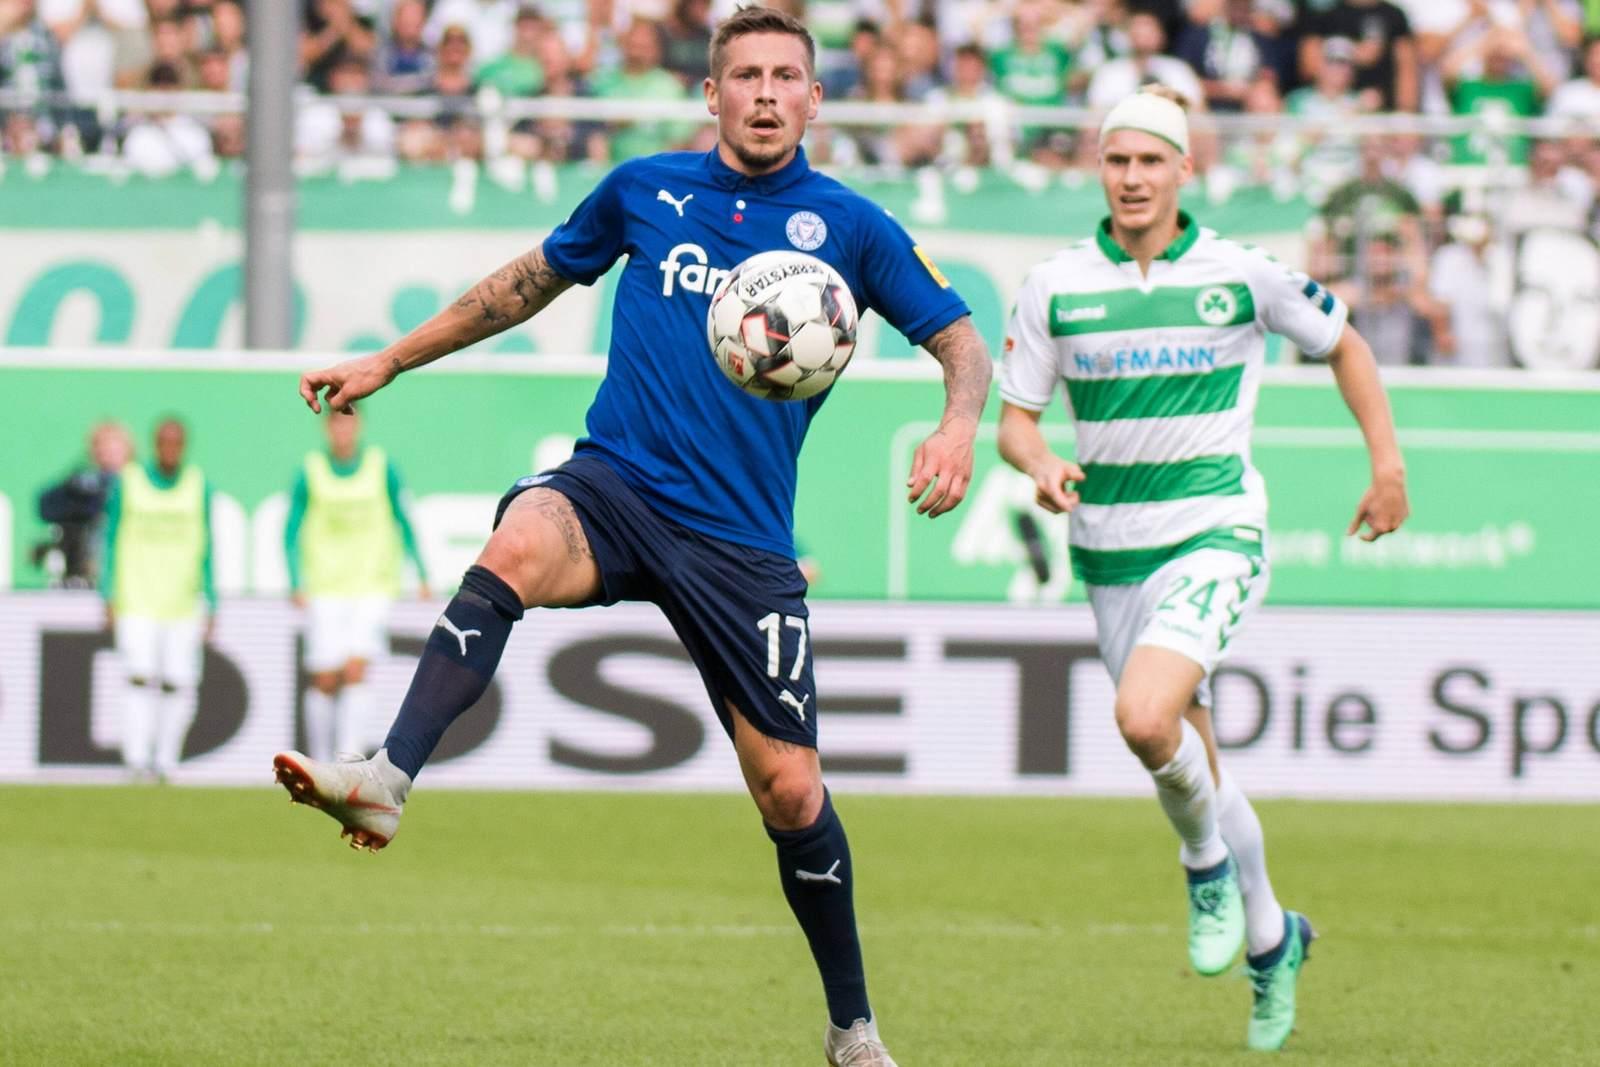 aufsteiger bundesliga 2019/16